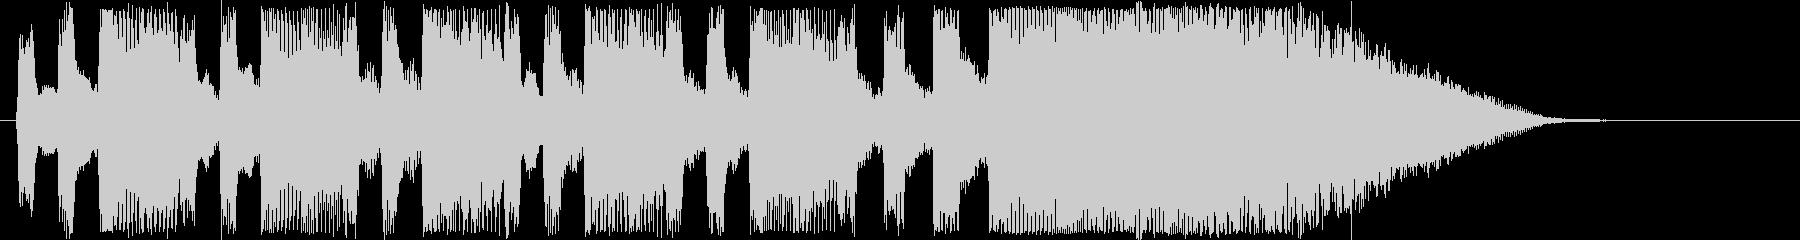 ドキドキ感のあるシンセサウンド短めの未再生の波形